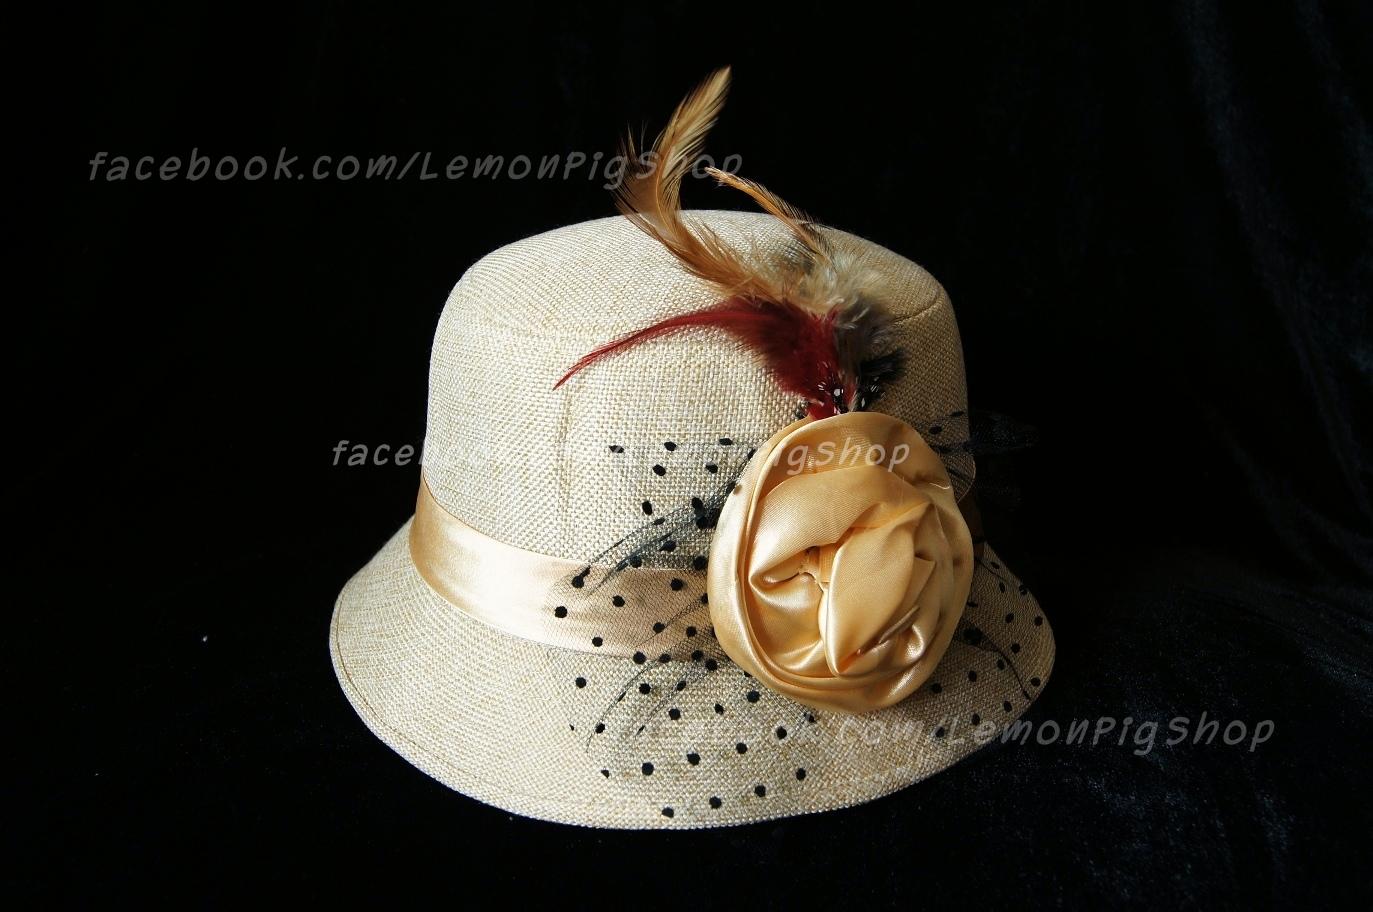 หมวกผ้าคุณนายสีครีม โบว์ทอง ขนนก 1 สวยหวานน่ารักมากๆค่ะ